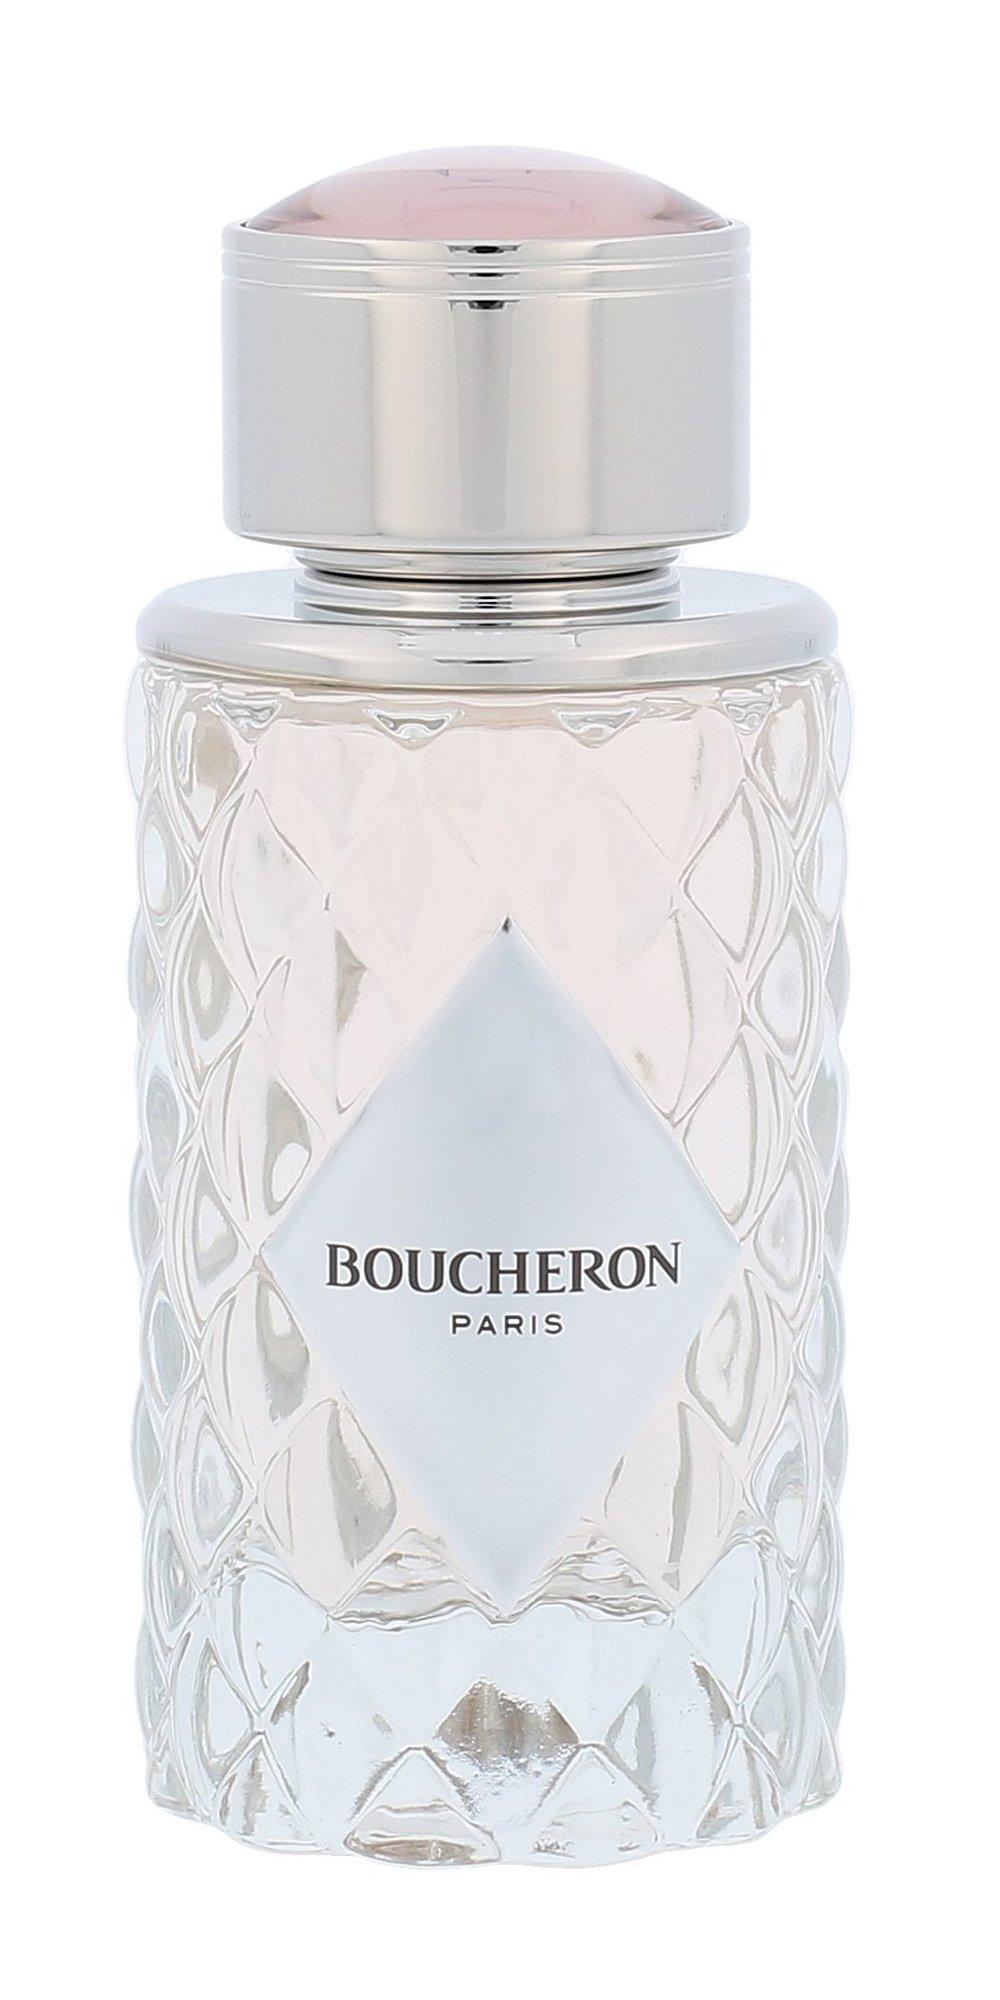 Boucheron Place Vendome EDT 50ml